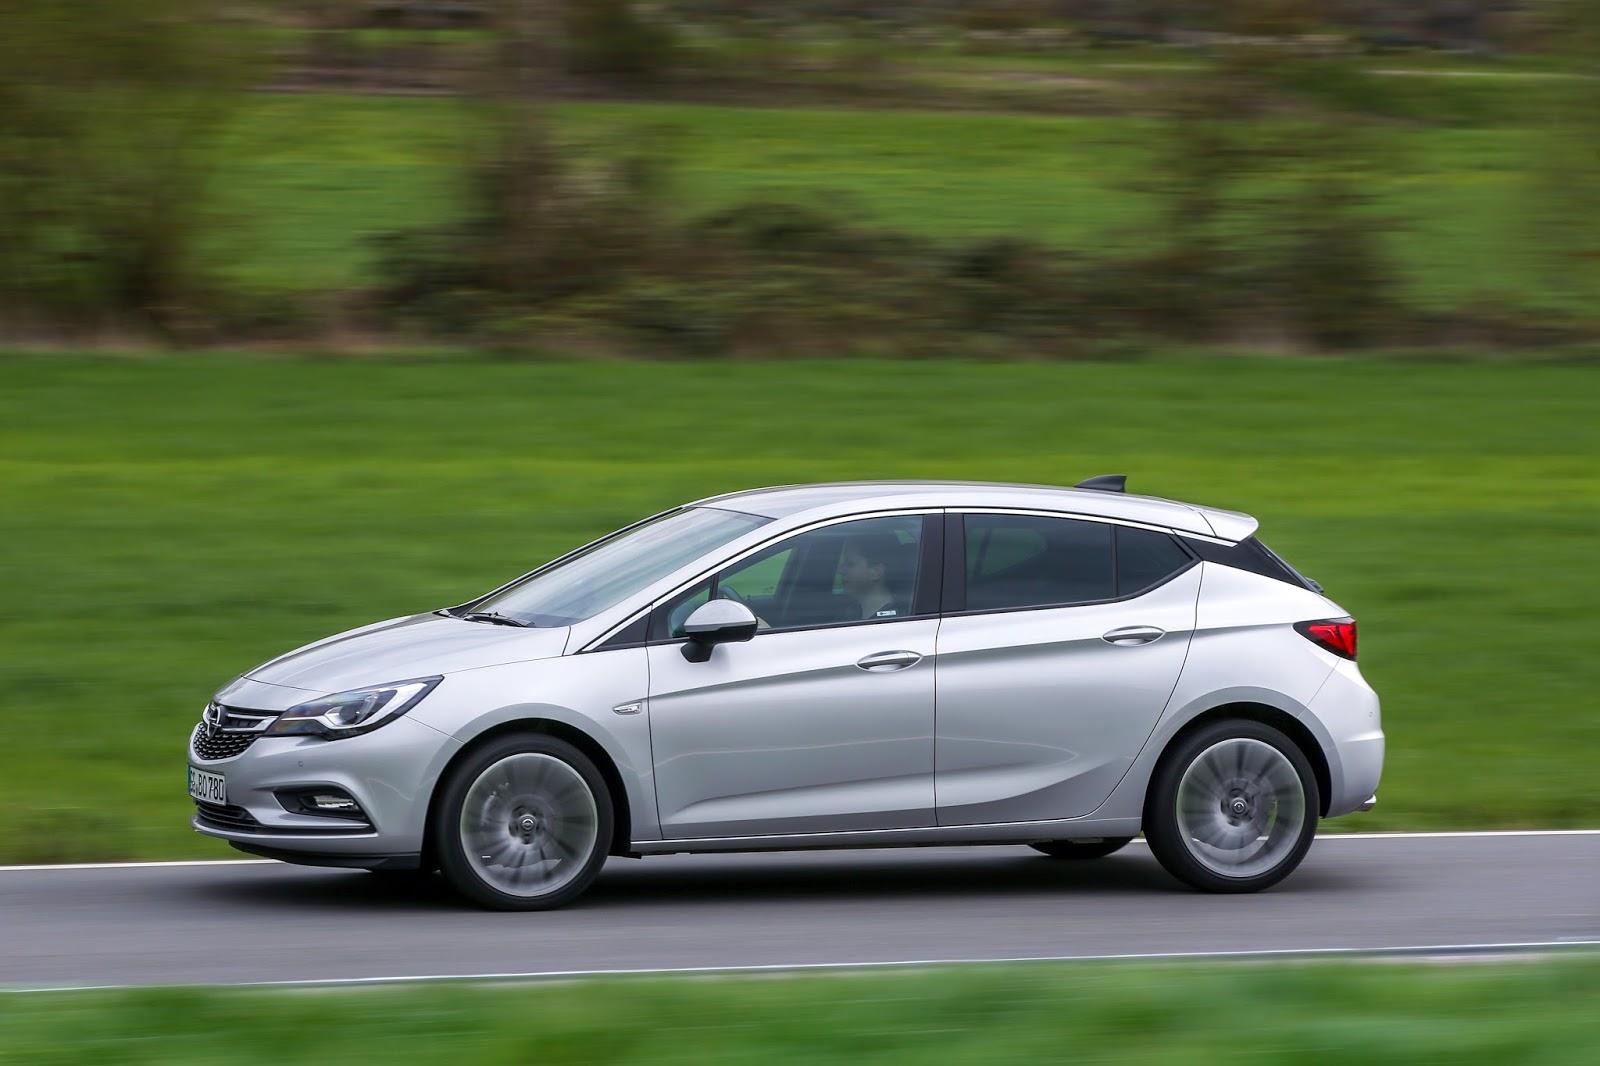 Opel Astra BiTurbo 5 door 3013222B252812529 Το καυτό Opel Astra BiTurbo diesel συνδυάζει τις επιδόσεις με την οικονομία! Hatchback, Opel, Opel Astra, Opel Astra BiTurbo, Opel Astra BiTurbo Hatchback, twin-turbo